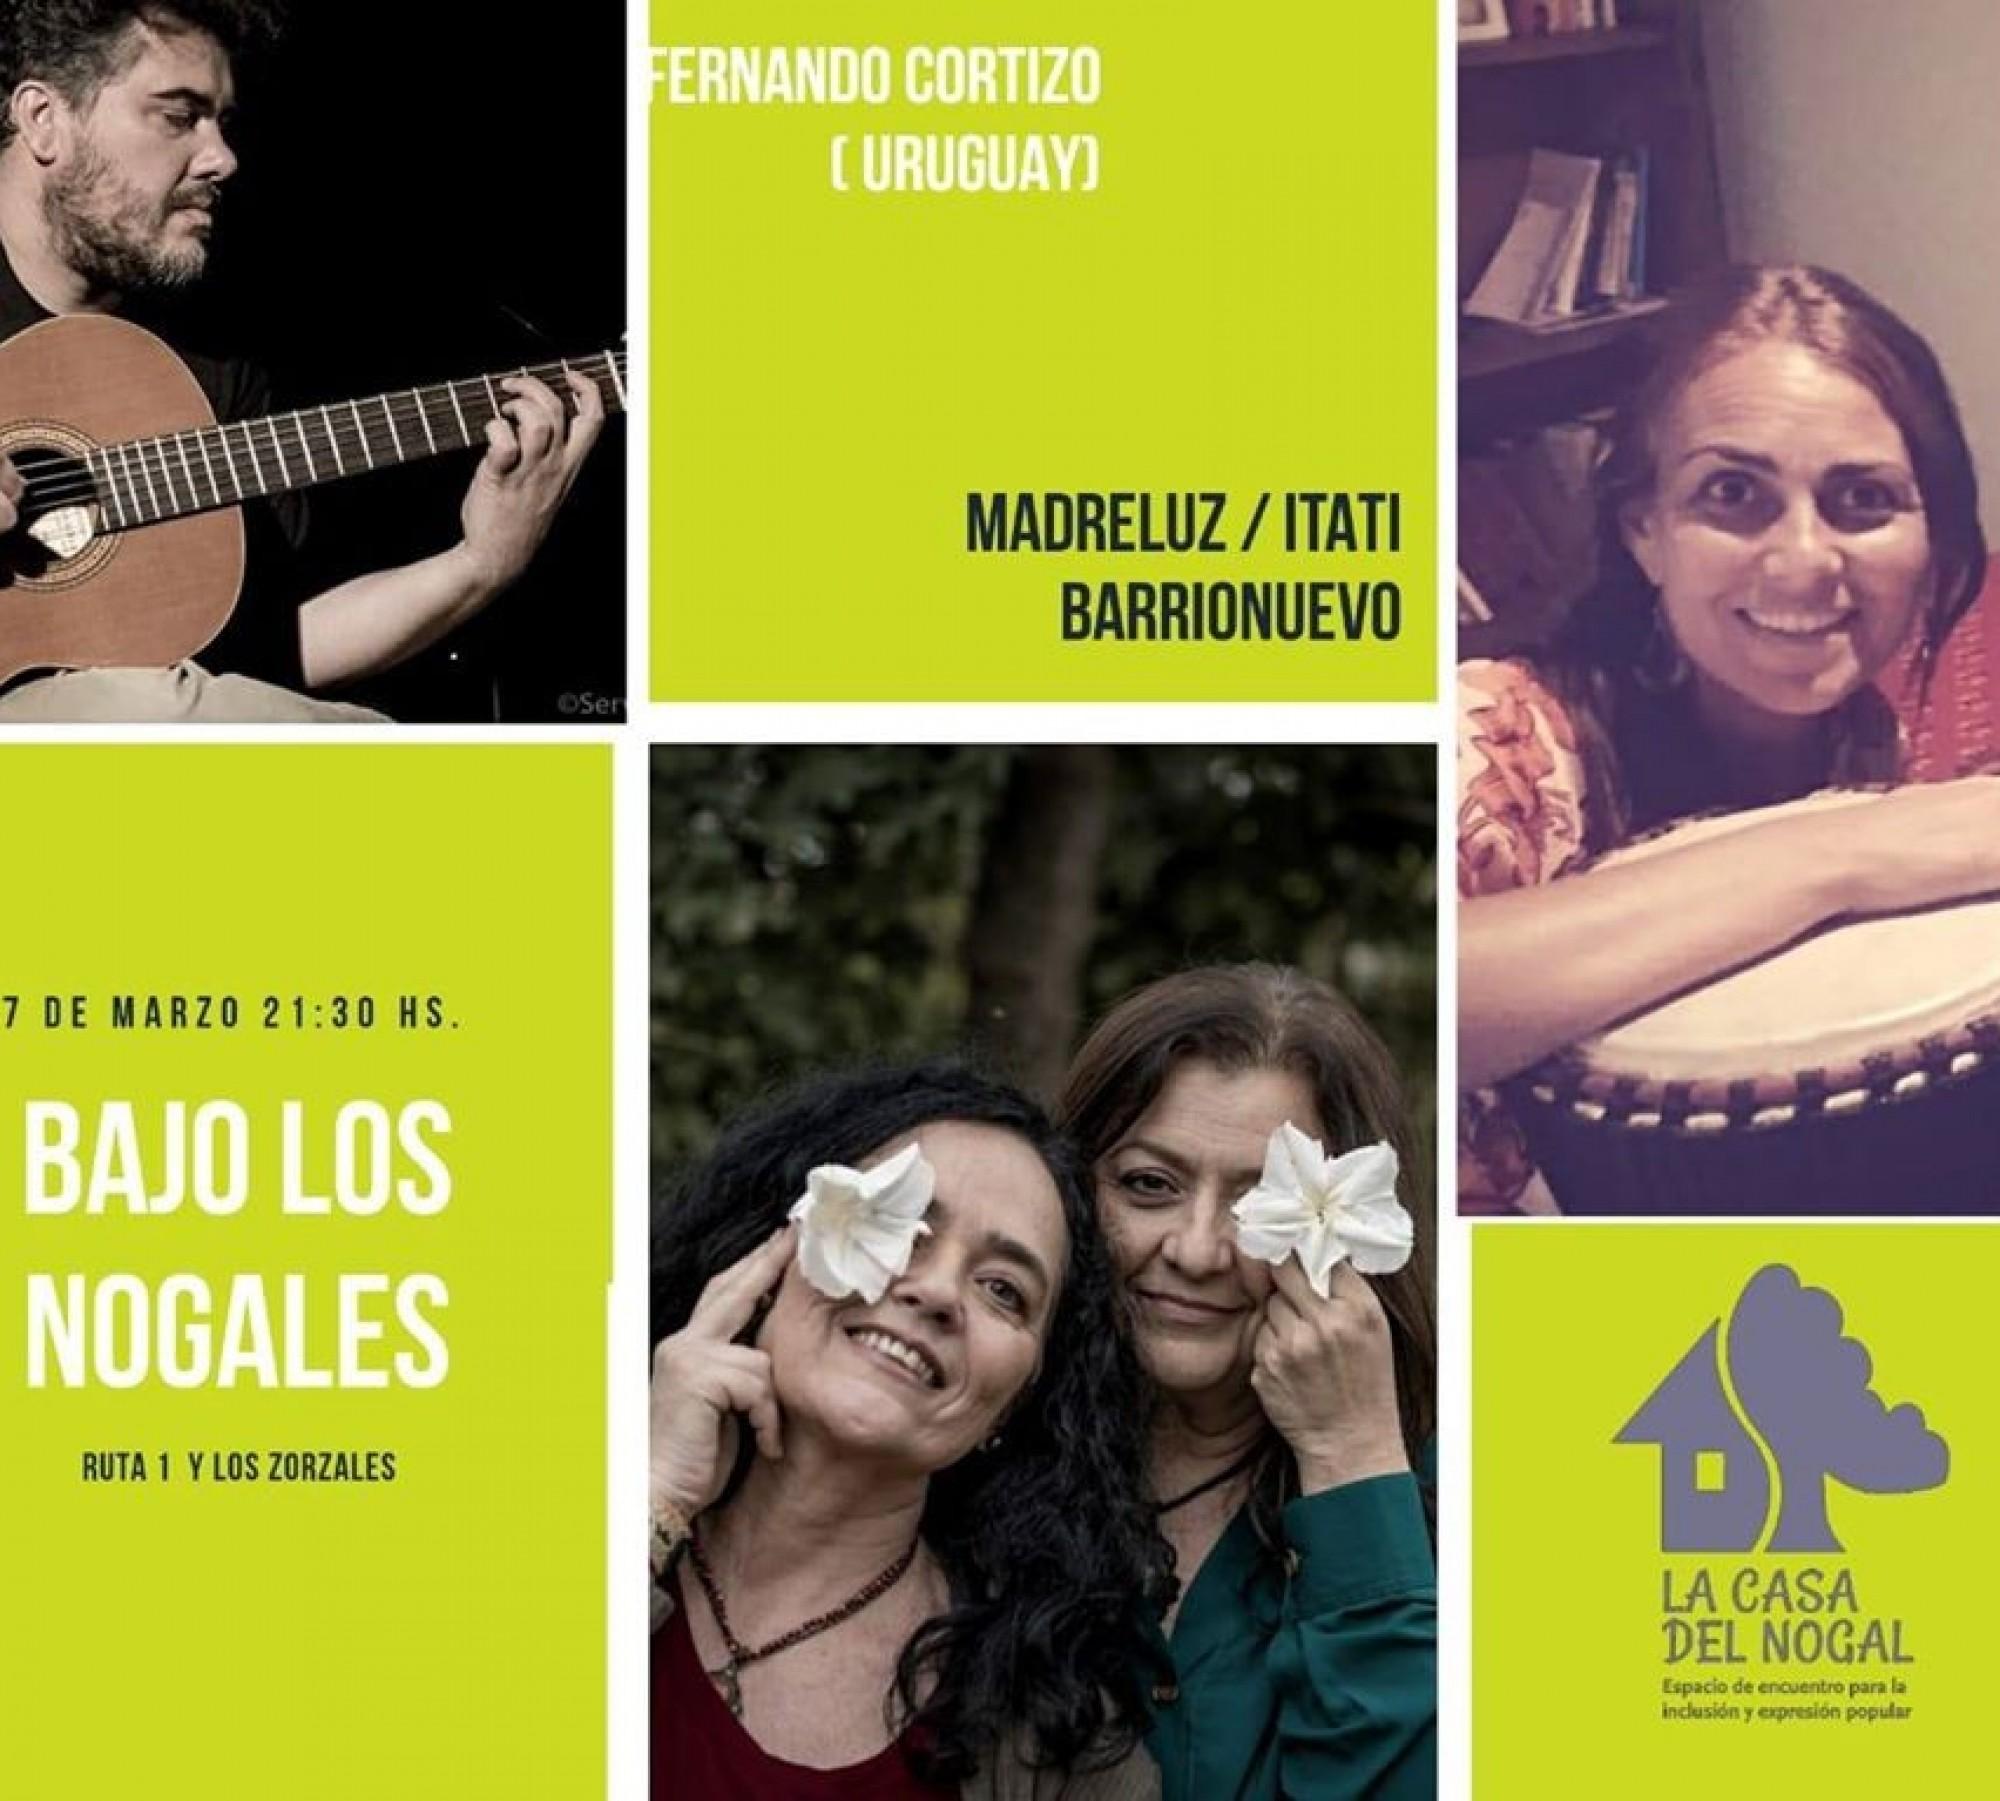 7/3 - Madreluz, Itatí Barrionuevo y Fernando Cortizo bajo los Nogales!